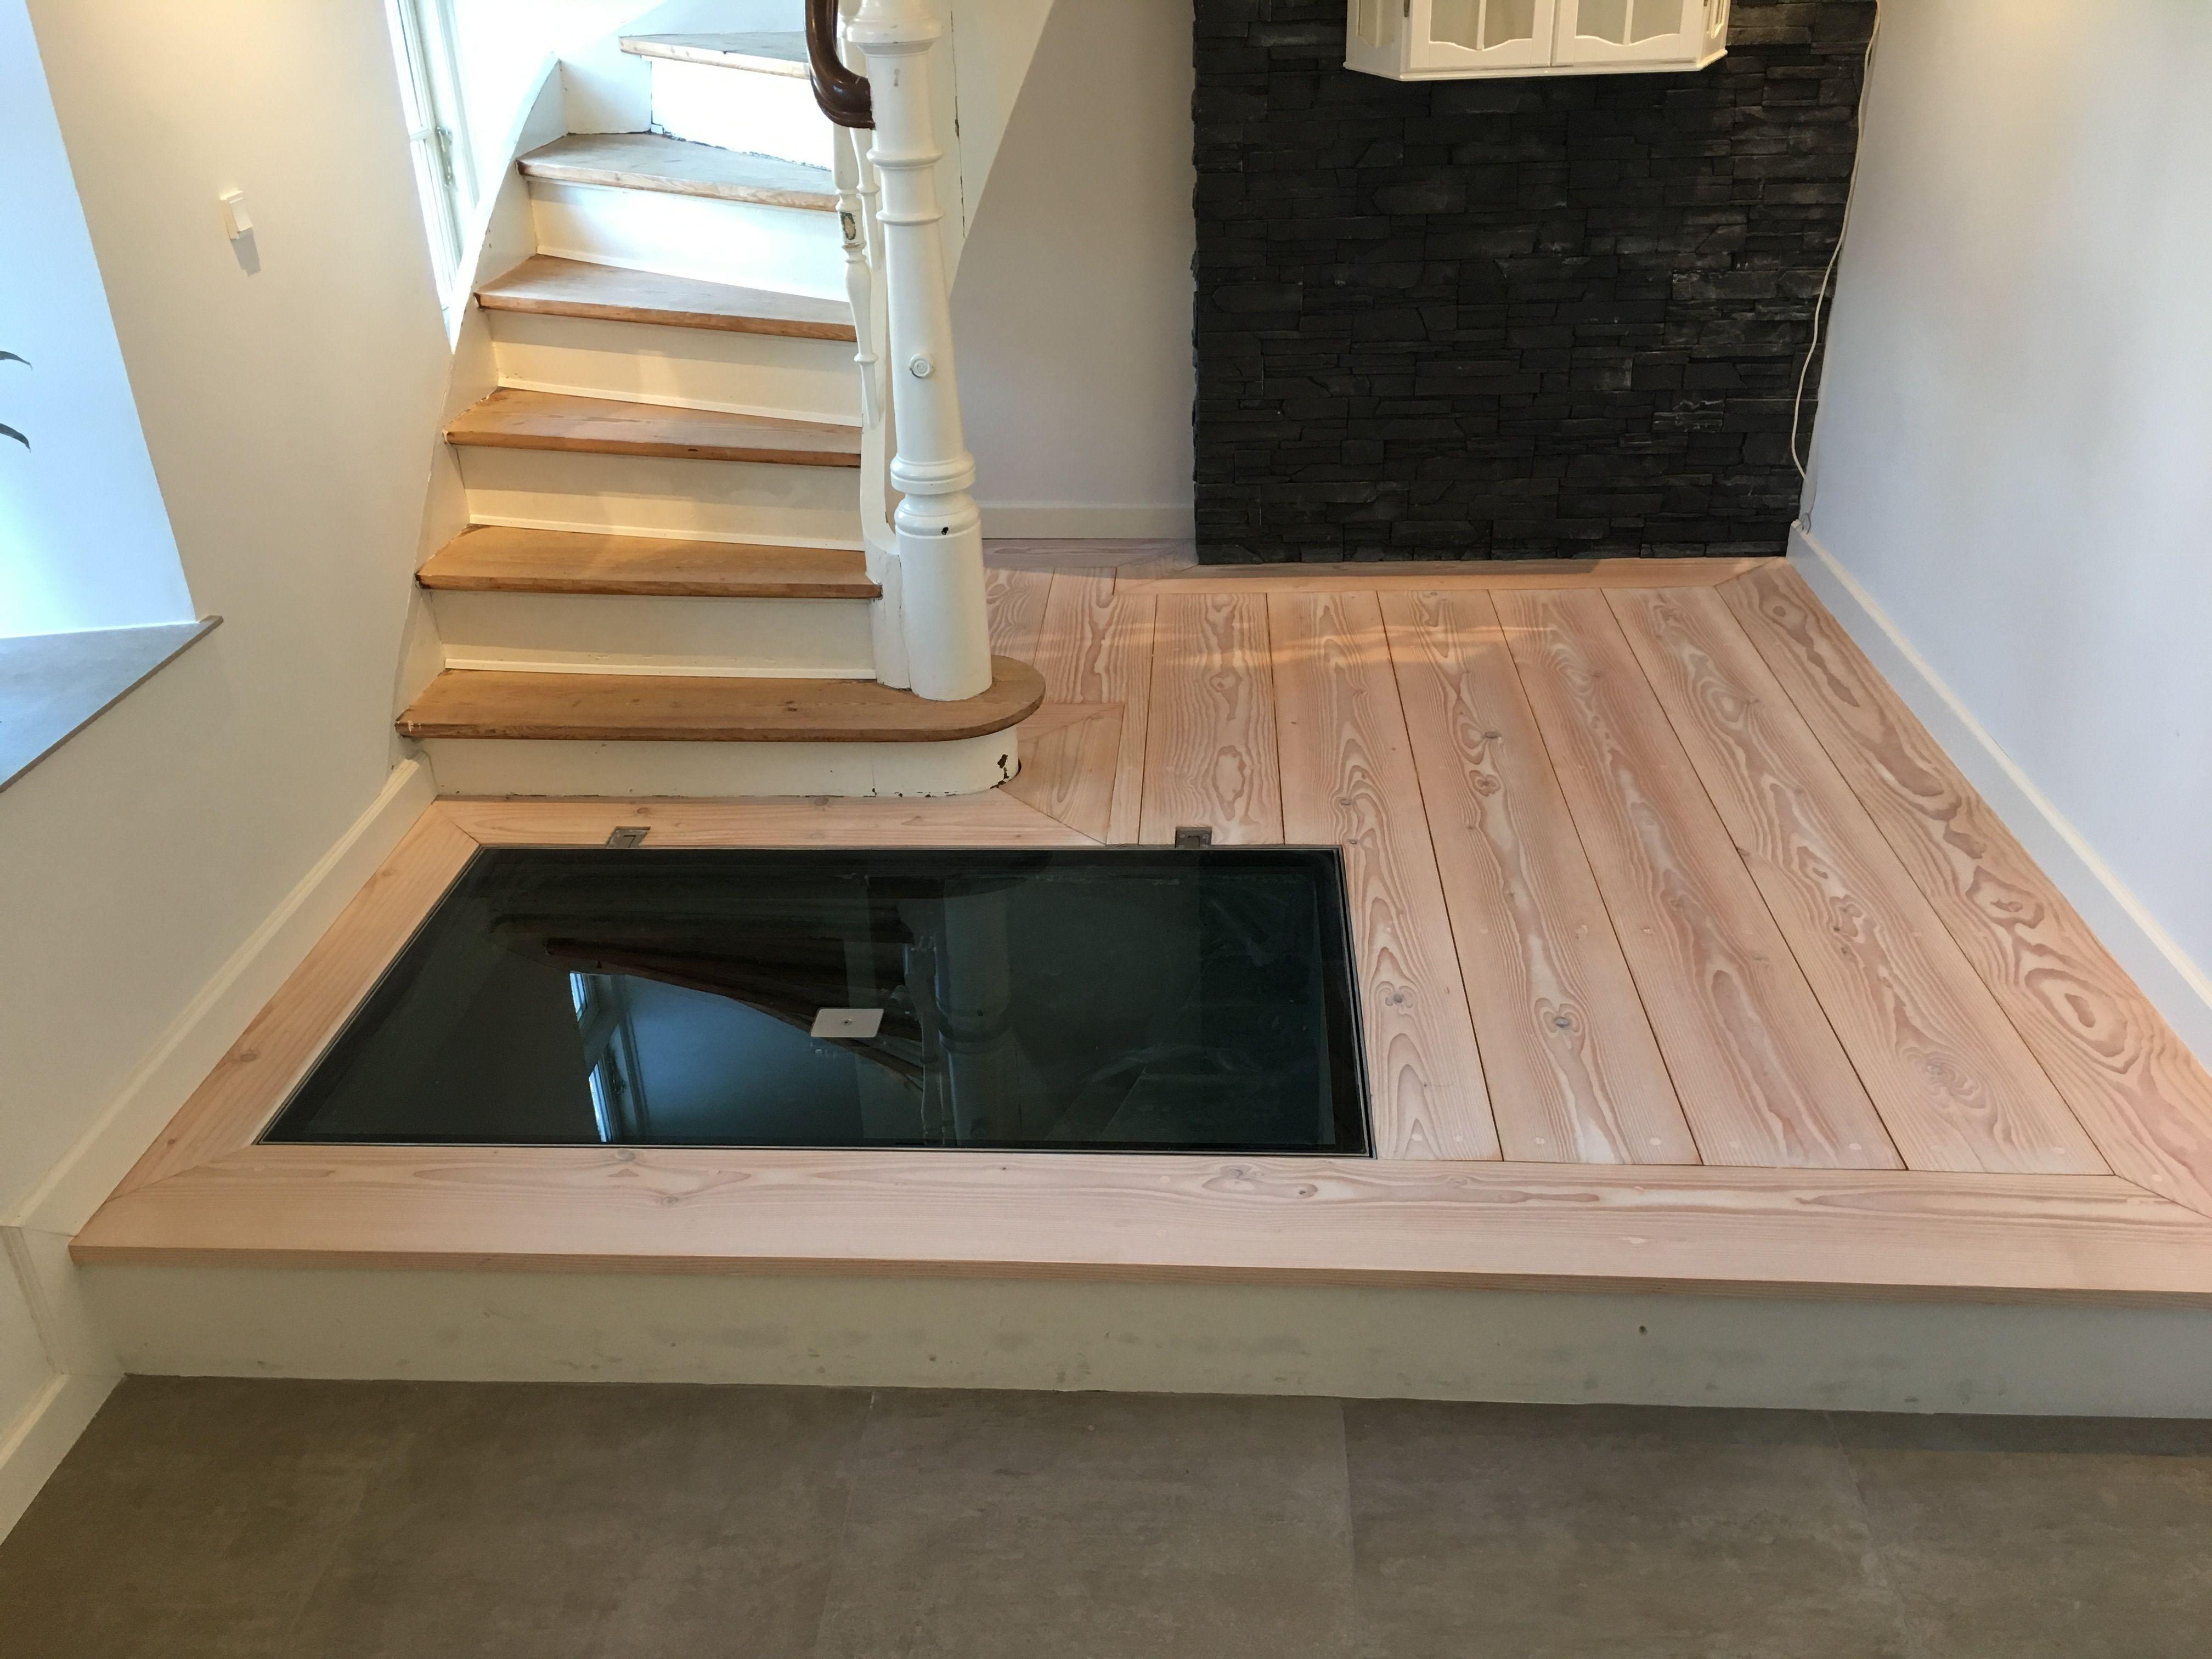 Planke gulv med indbygget glas låge til Vin kælder  Www.dbtræbyg.dk  Www.tømrermestervilla.dk